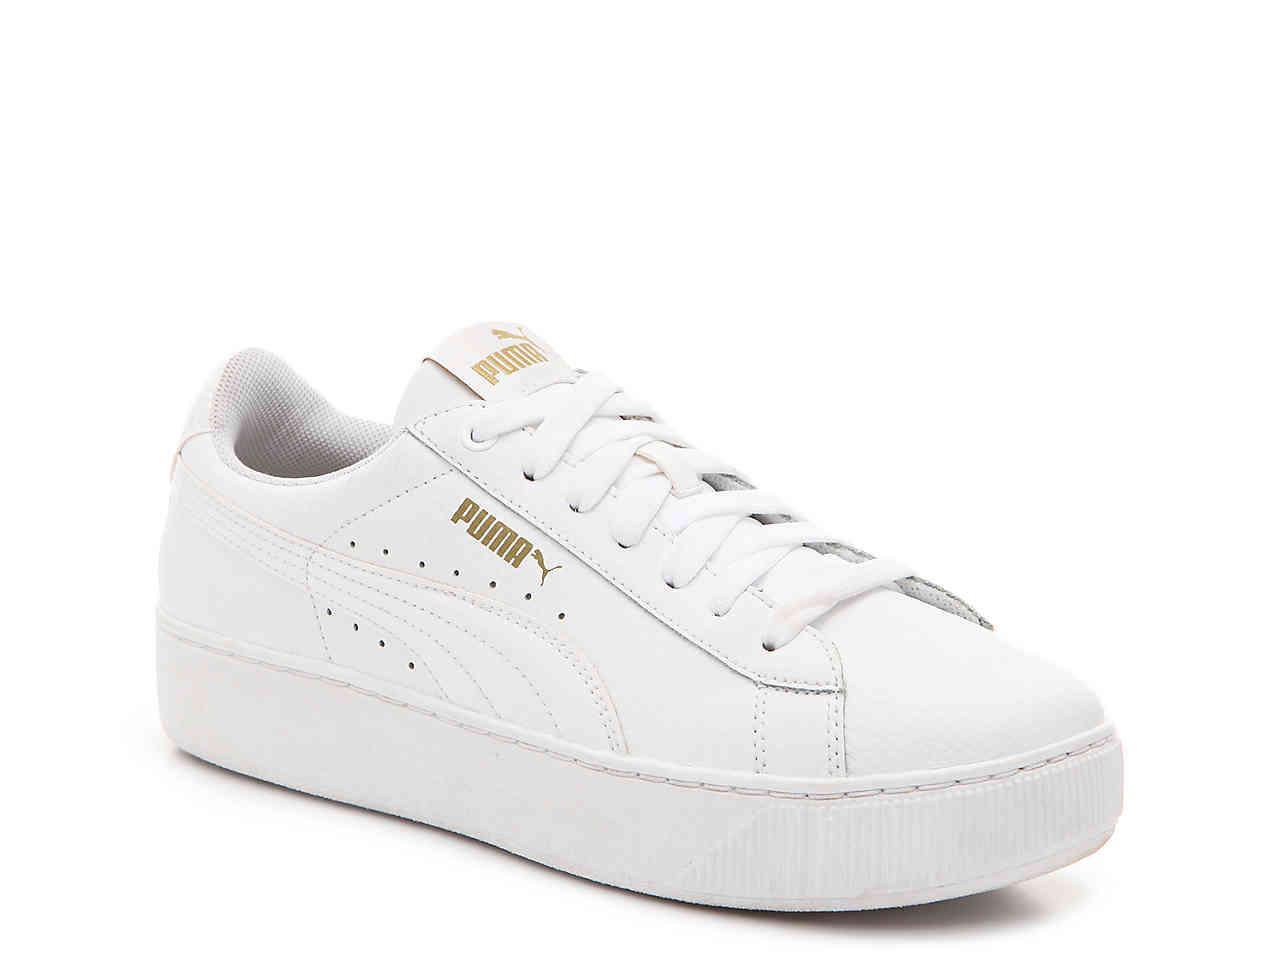 d4ef71a26fa5 Lyst - PUMA Vikky Platform Sneaker in White